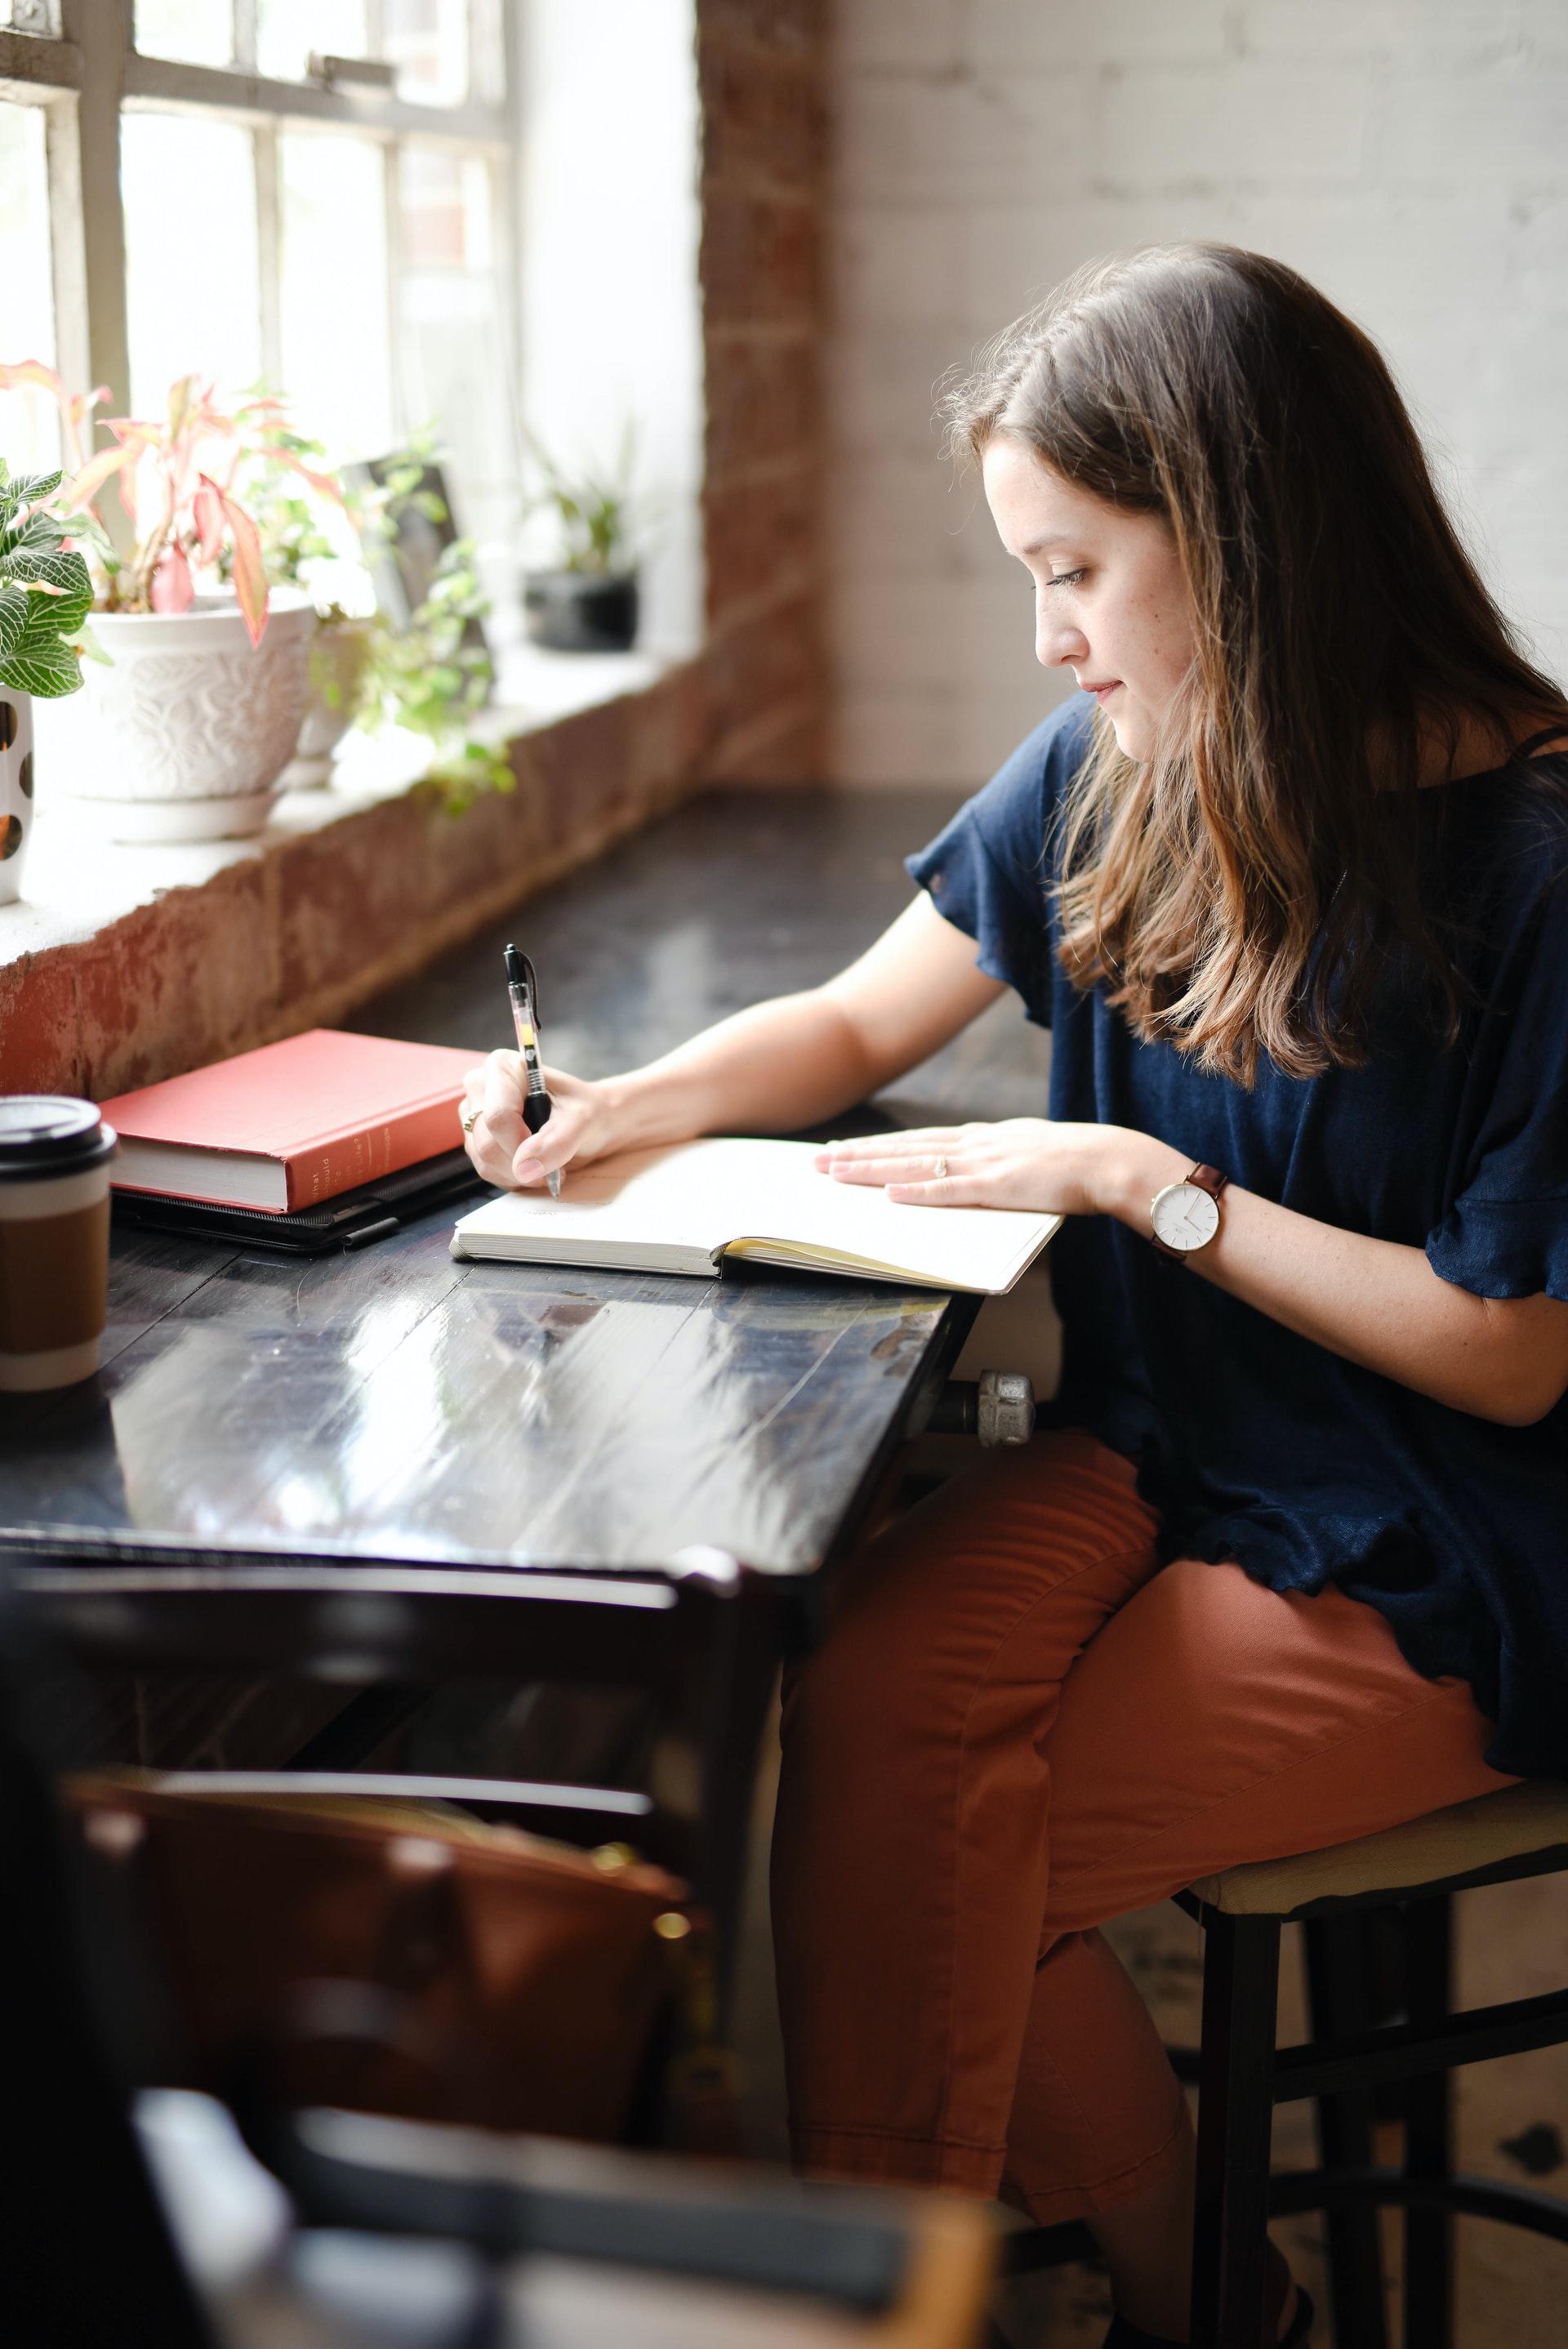 Woman preparing for the UCAT